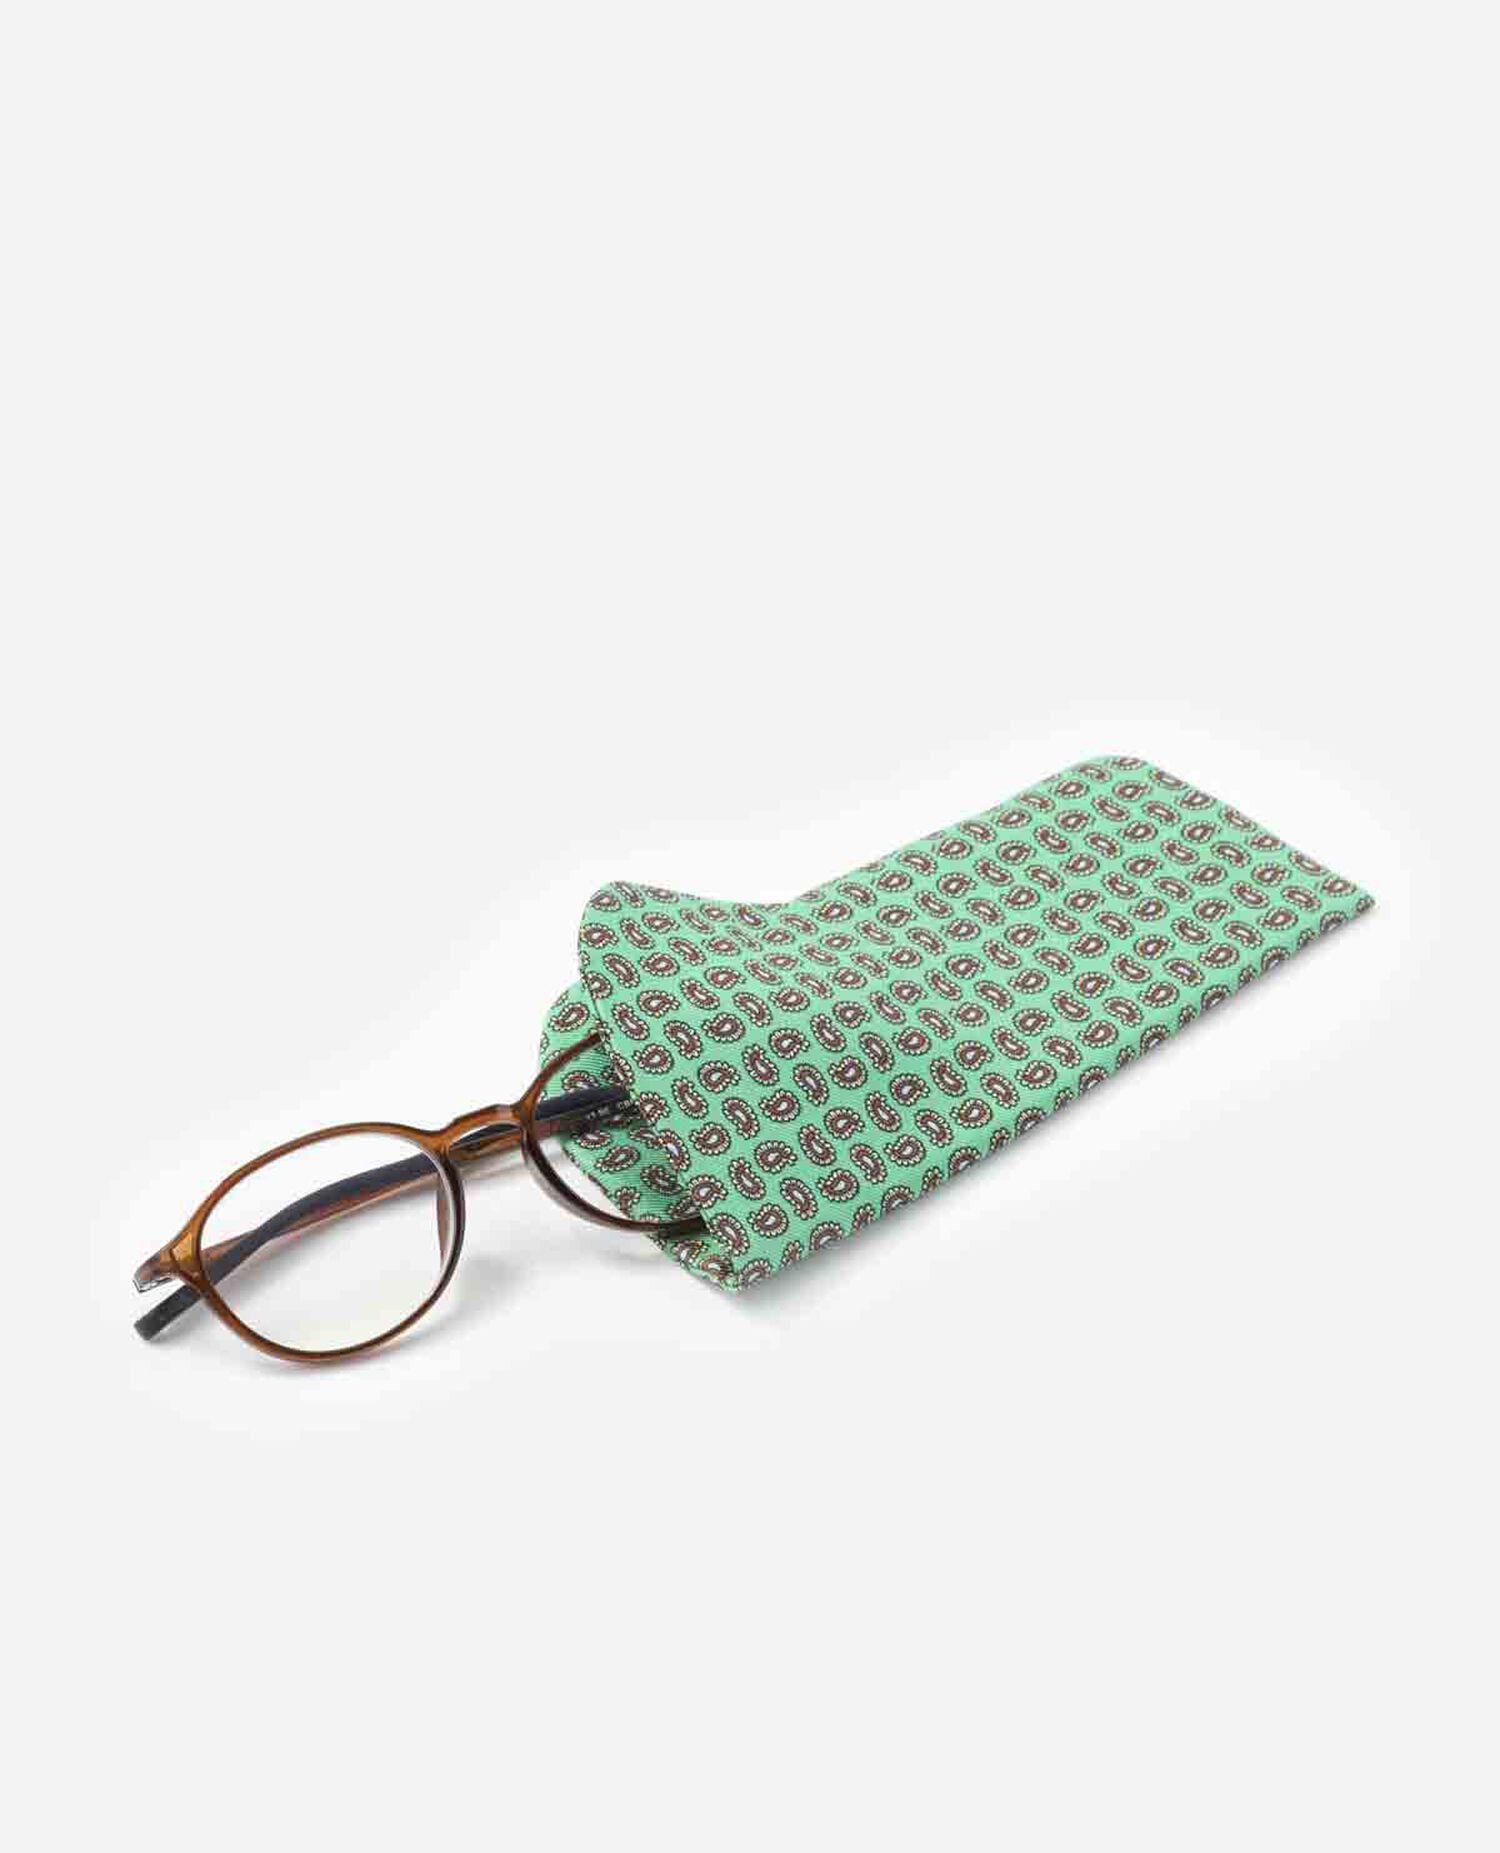 メガネケース&ポケットチーフ